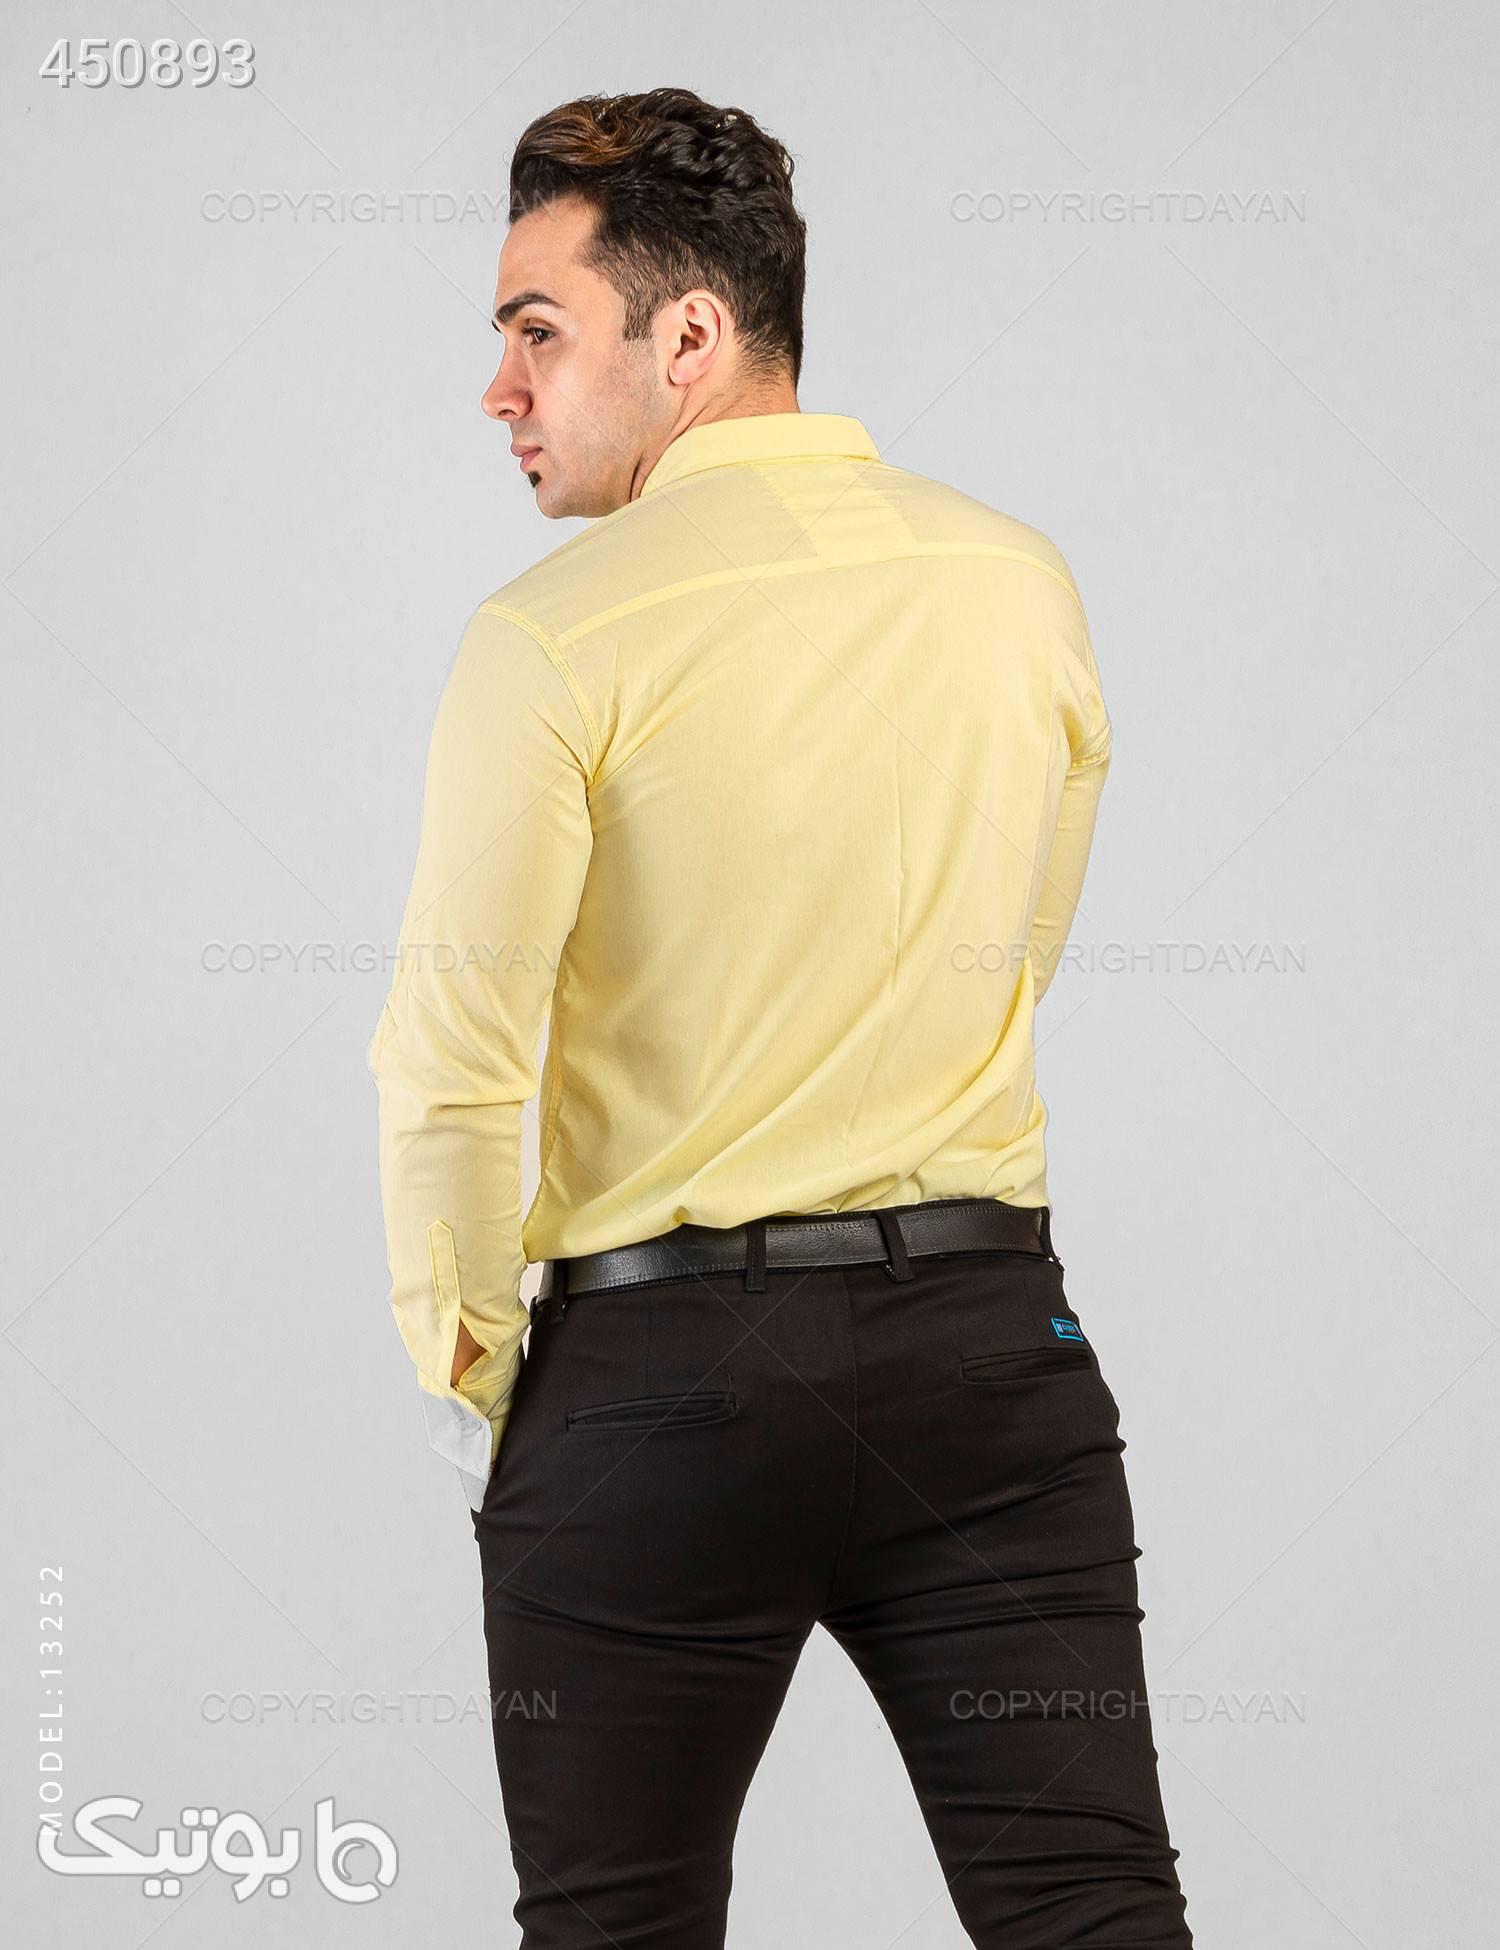 پیراهن مردانه Araz مدل 13252 زرد پيراهن مردانه